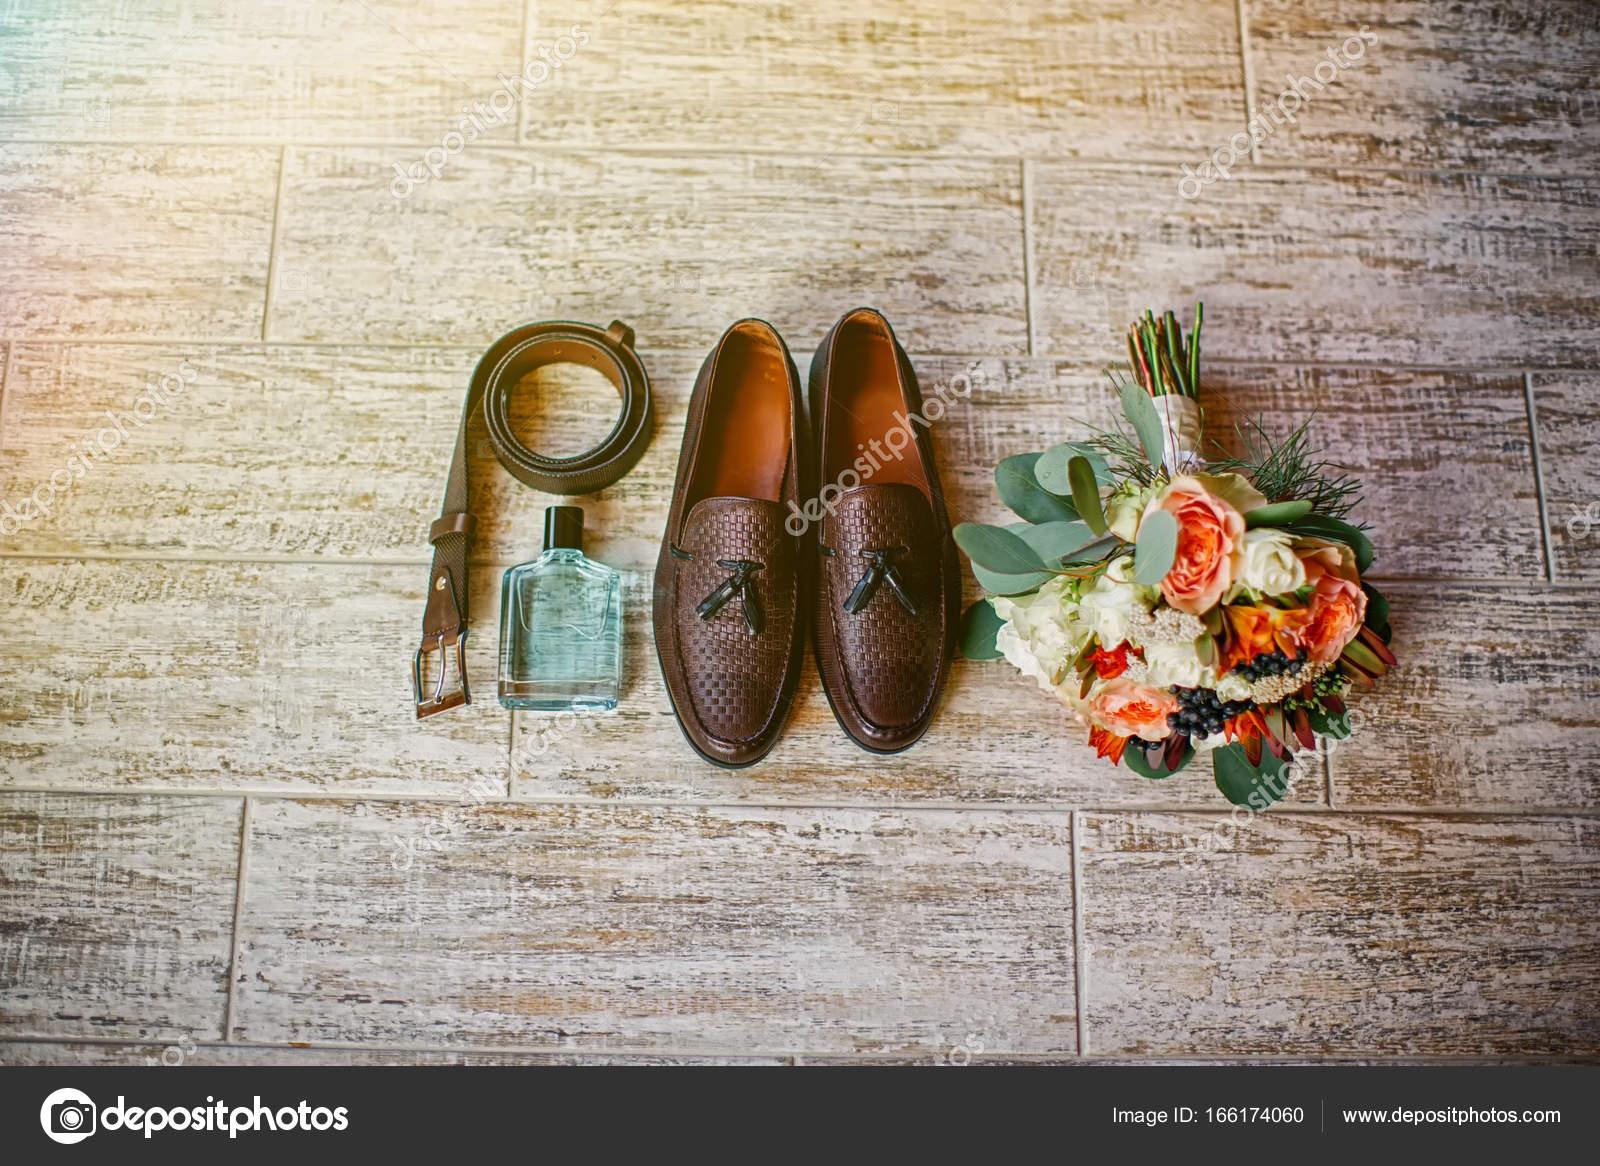 d009ae27e341 Dettagli del matrimonio. Accessori per lo sposo. Scarpe